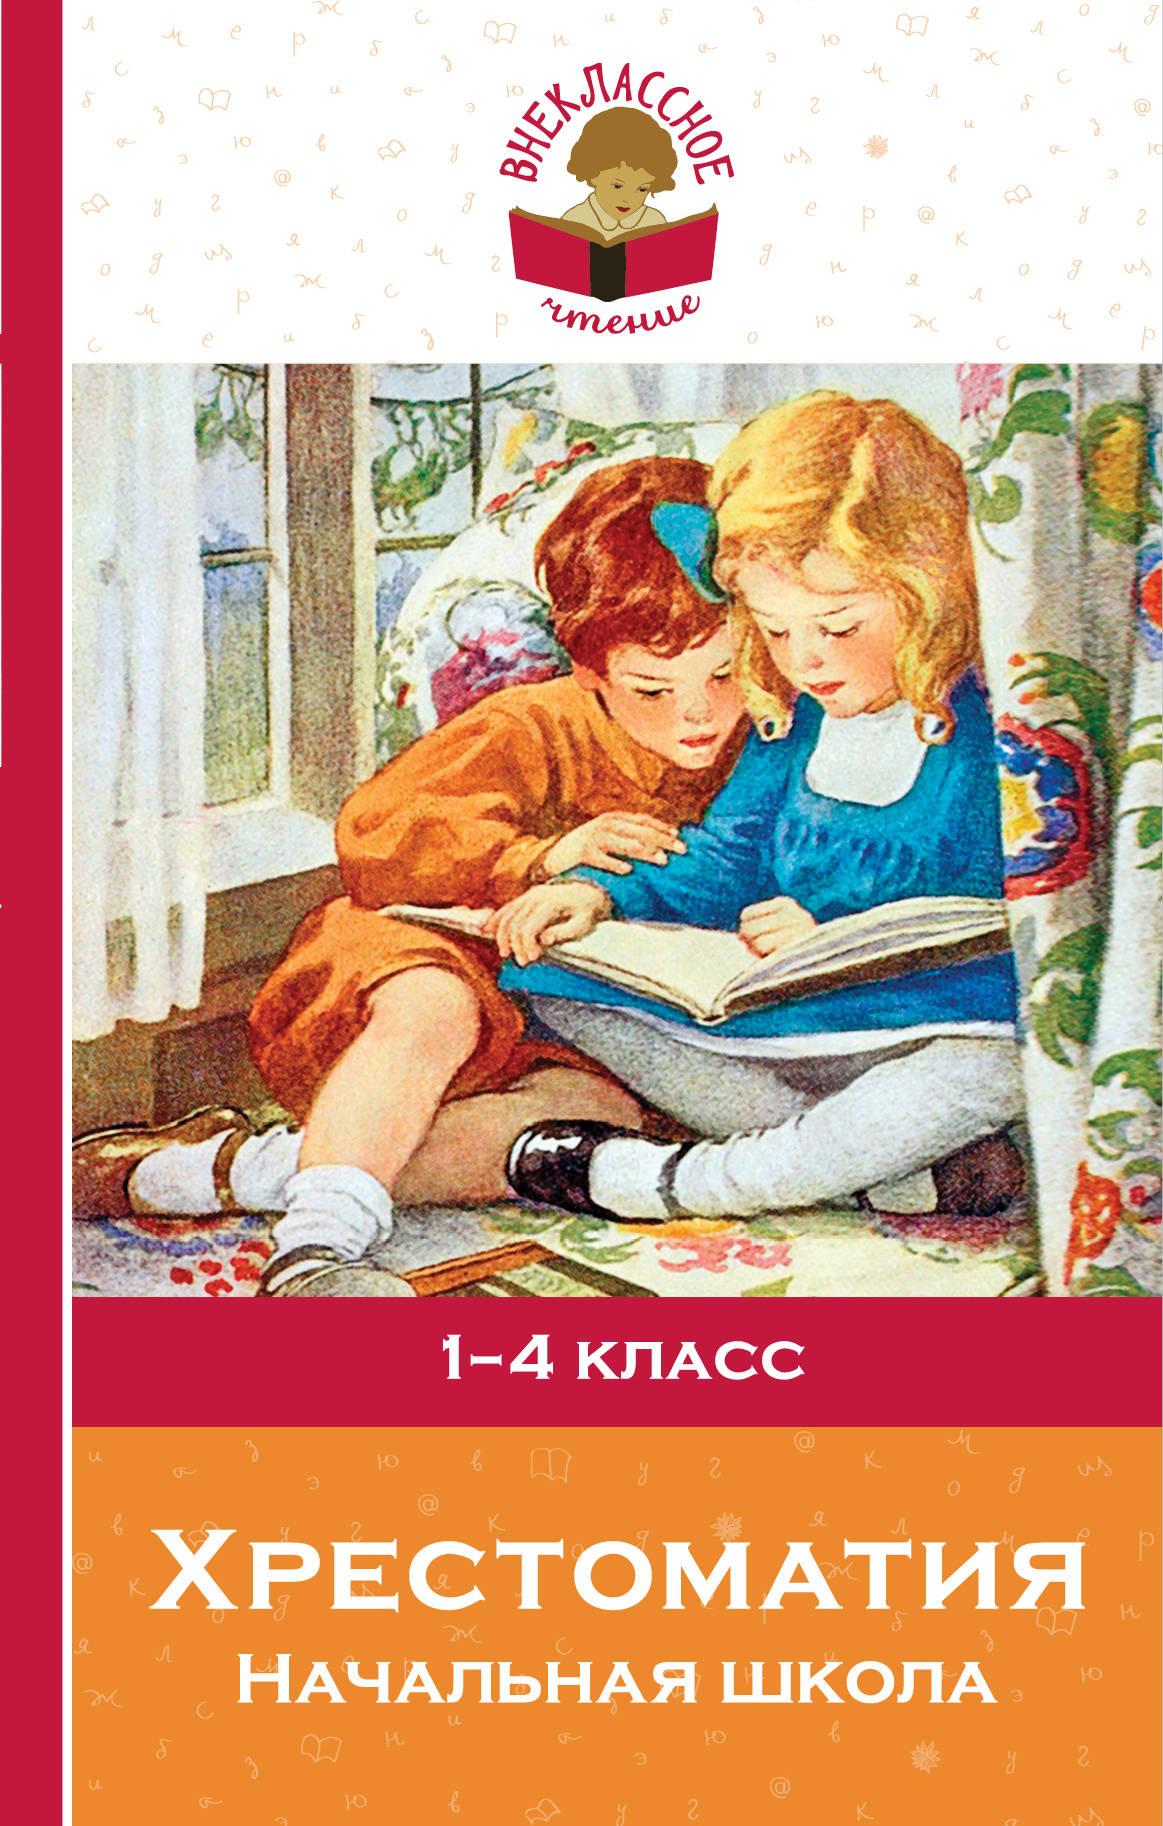 Пушкин Александр Сергеевич Хрестоматия. Начальная школа. 1-4 класс